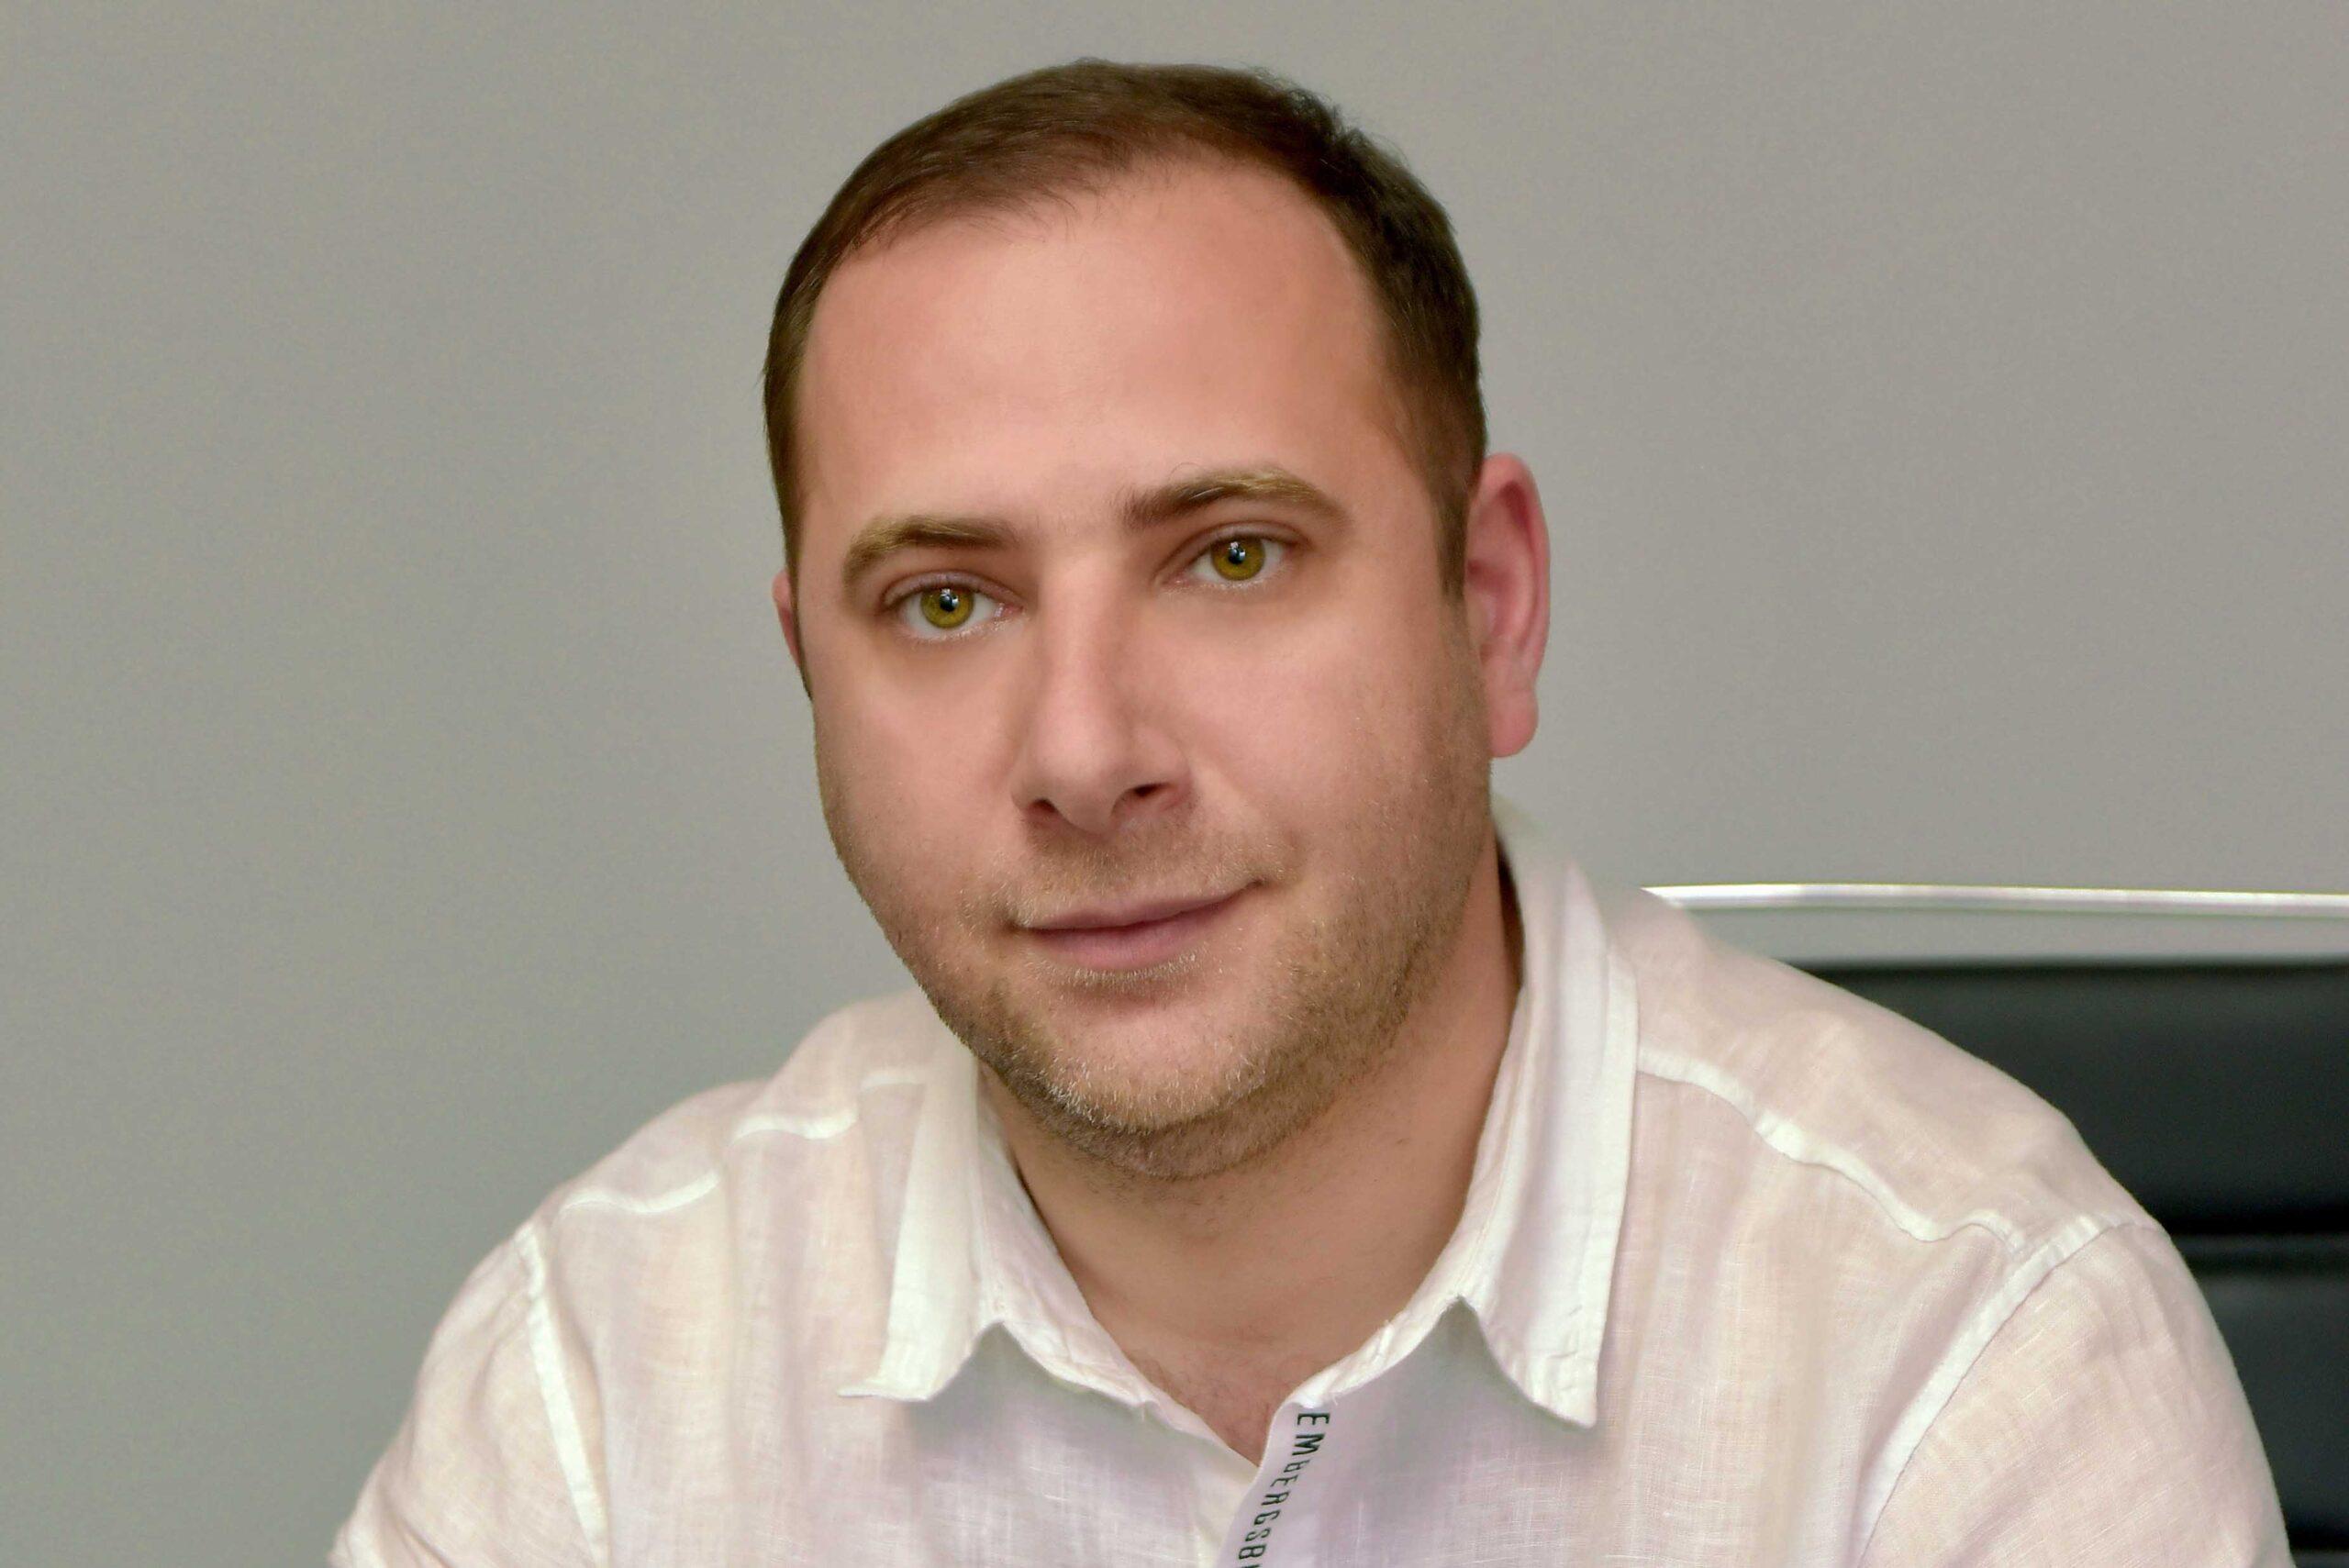 Giorgi Gurgenashvili